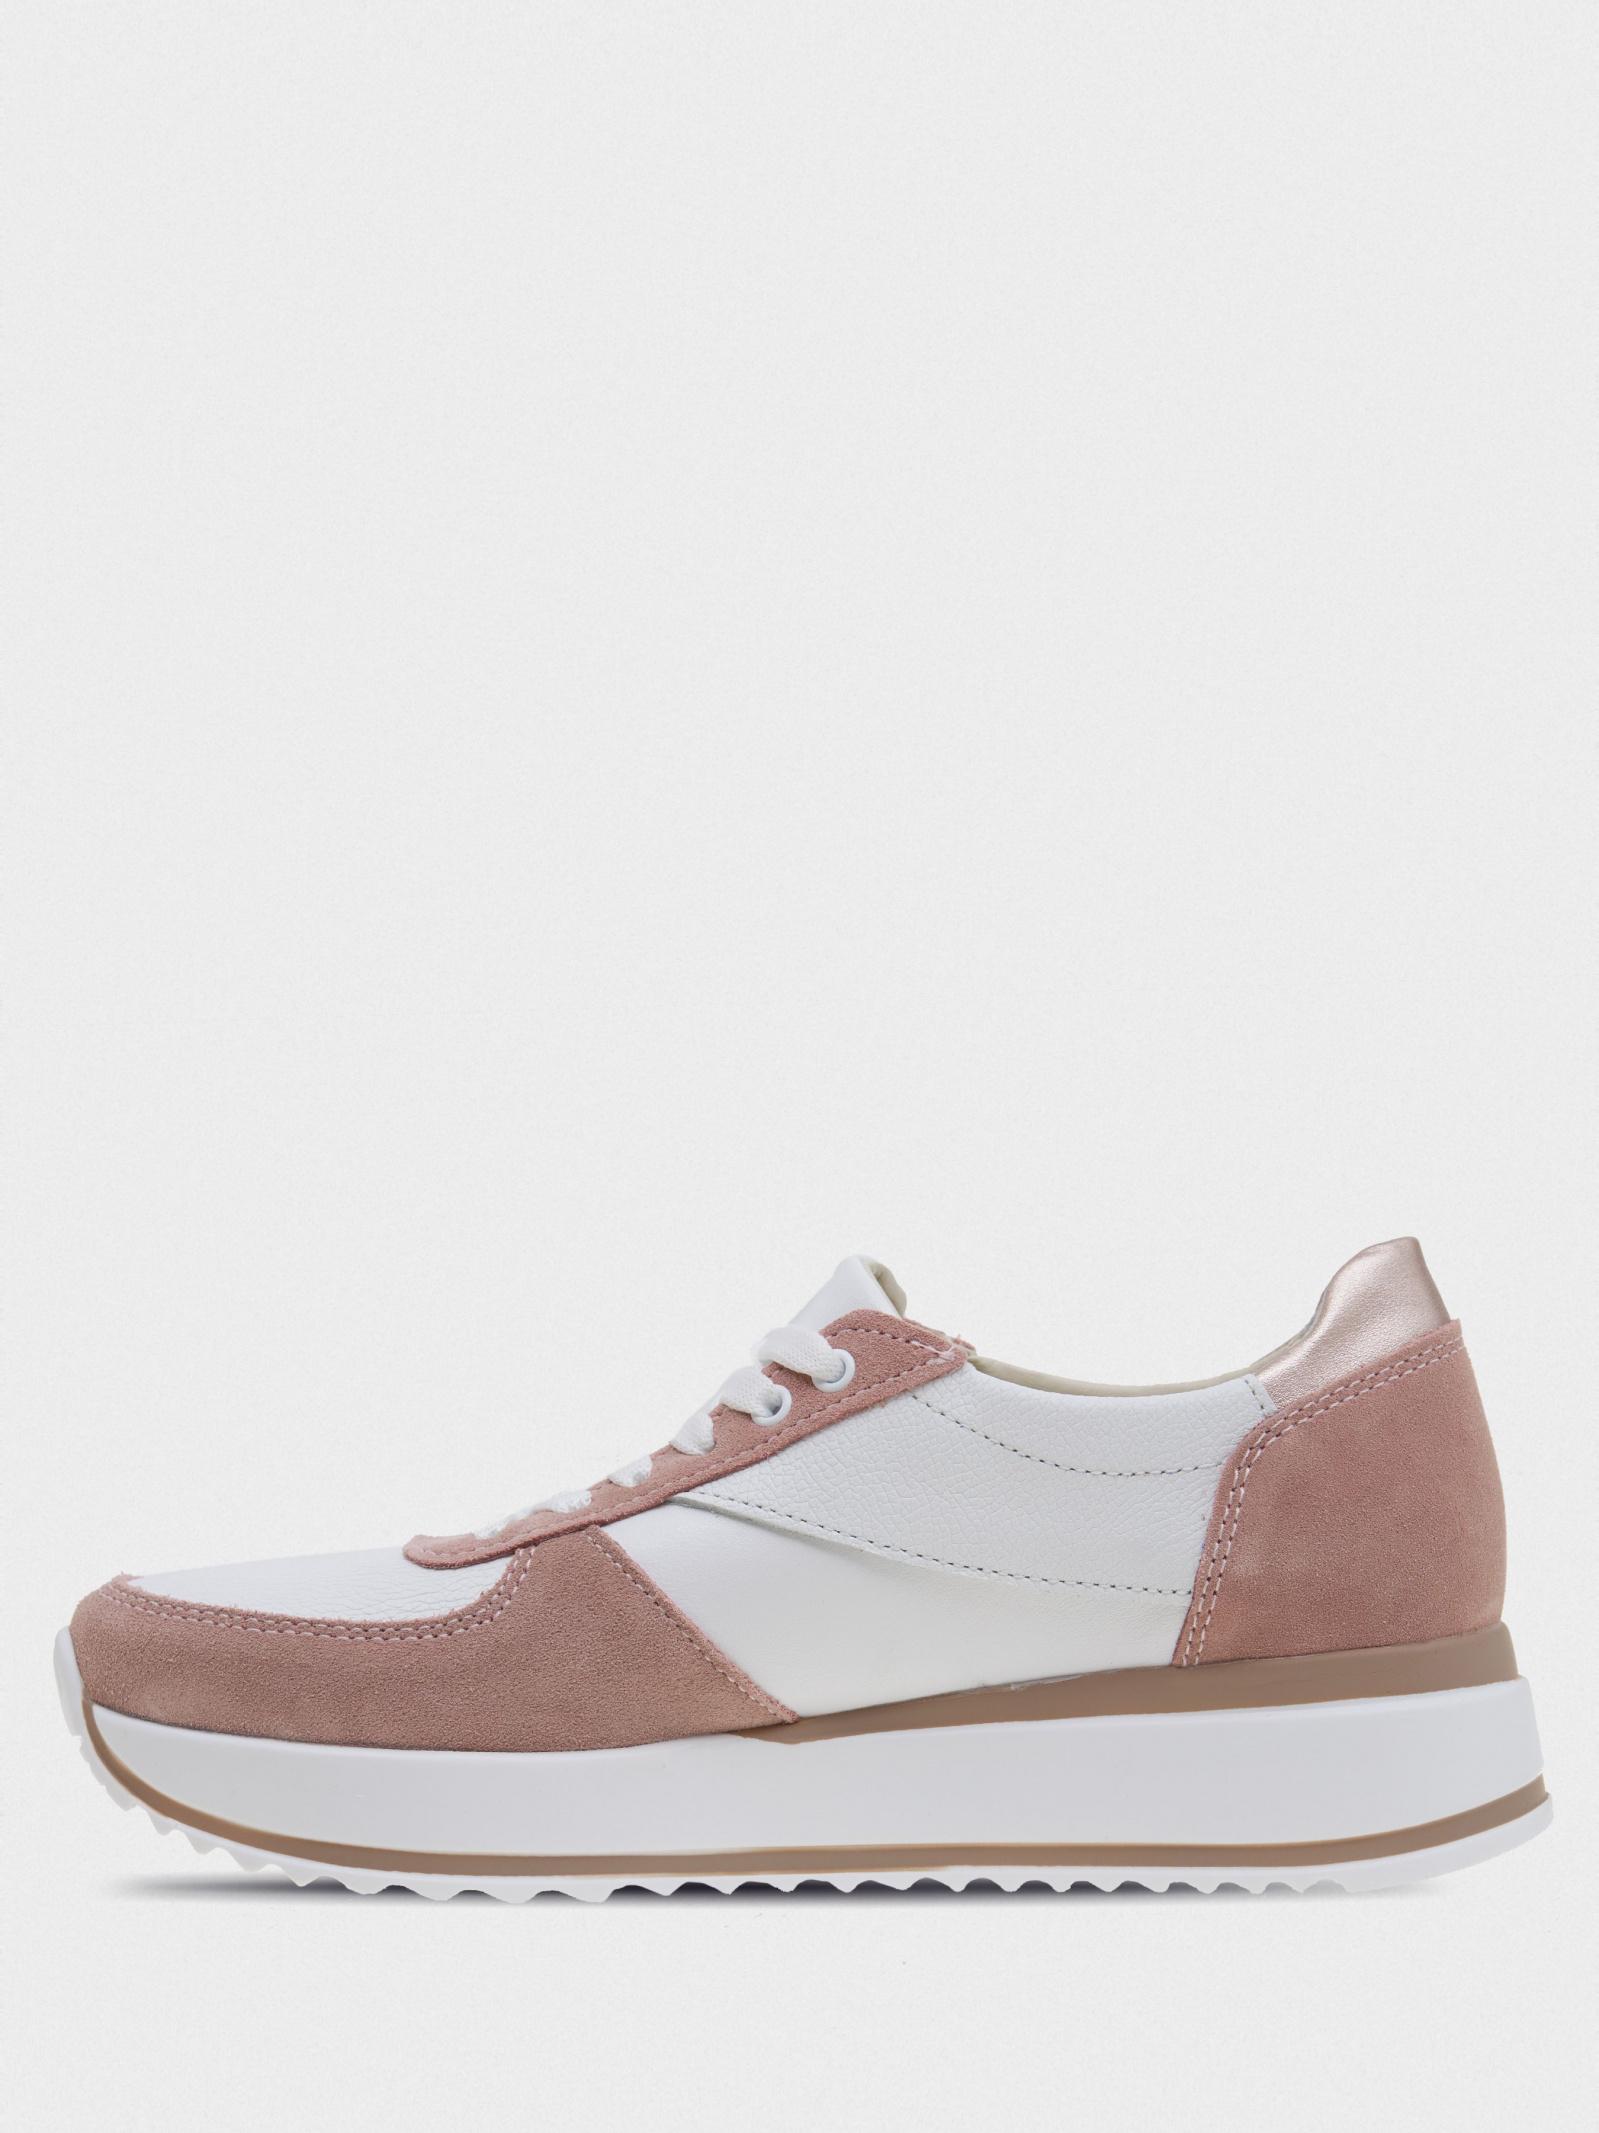 Кроссовки для женщин Torsion 0F12 купить в Интертоп, 2017